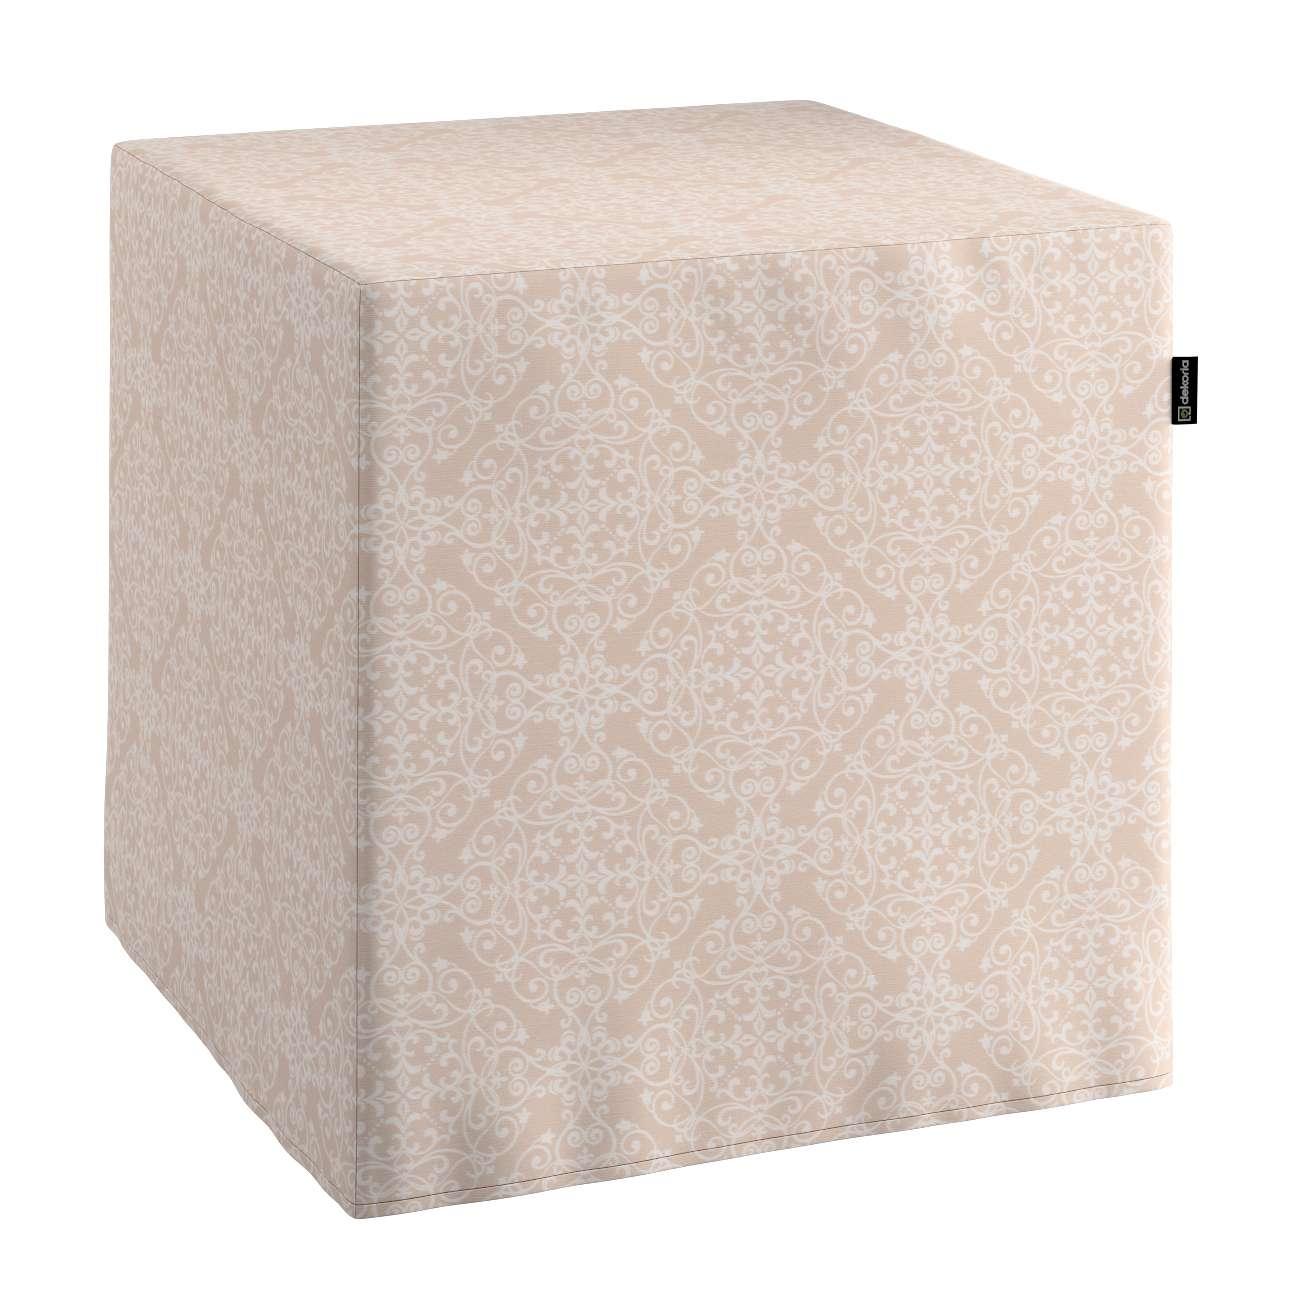 Pokrowiec na pufę kostke kostka 40x40x40 cm w kolekcji Flowers, tkanina: 140-39